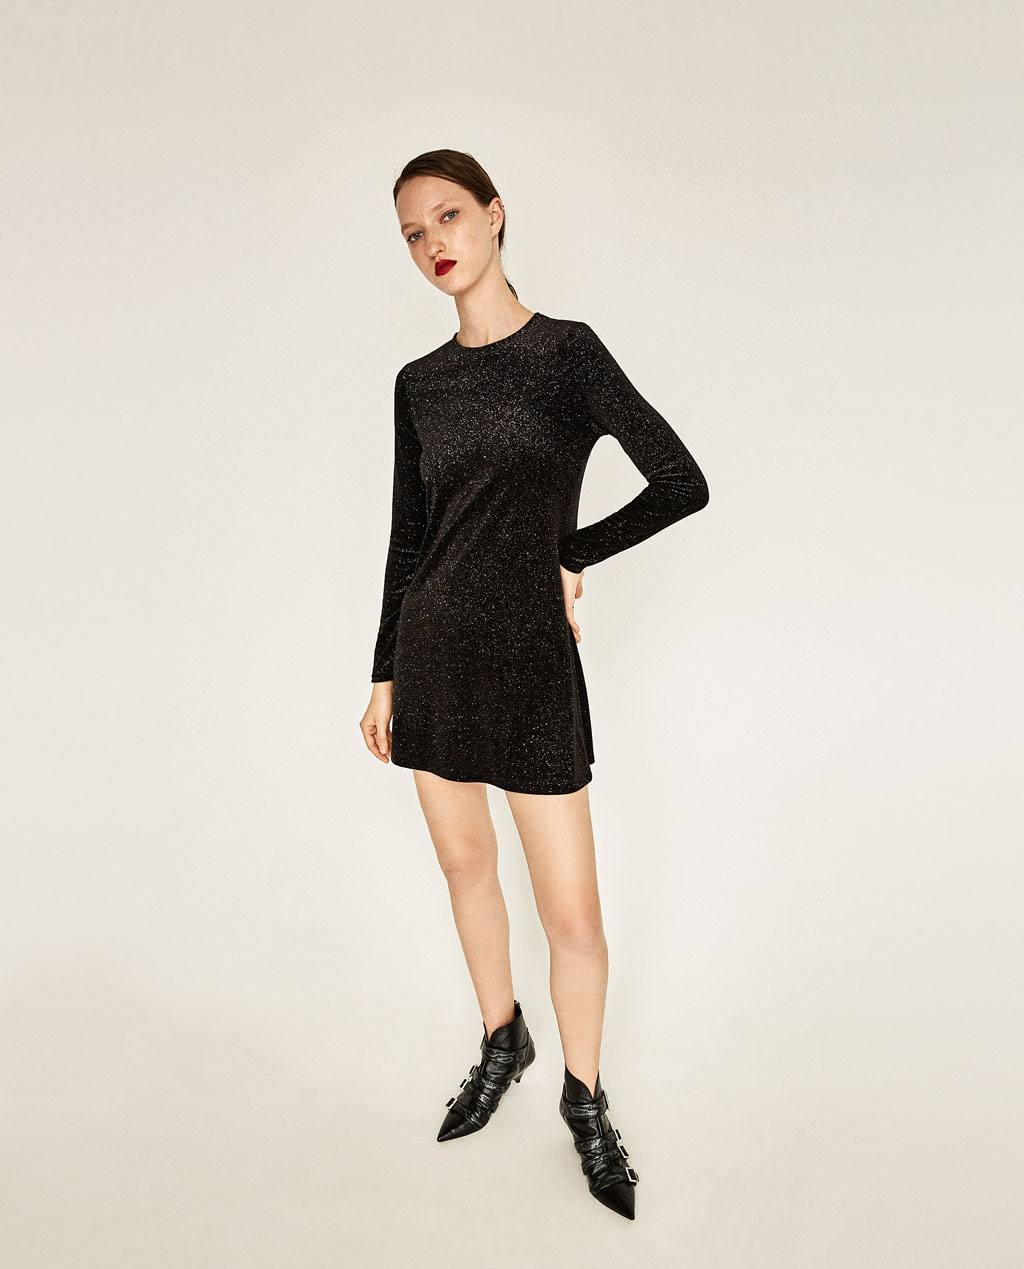 Vestito a maniche lunghe in velluto con brillantini Zara Capodanno 2017 prezzo 29 95 euro